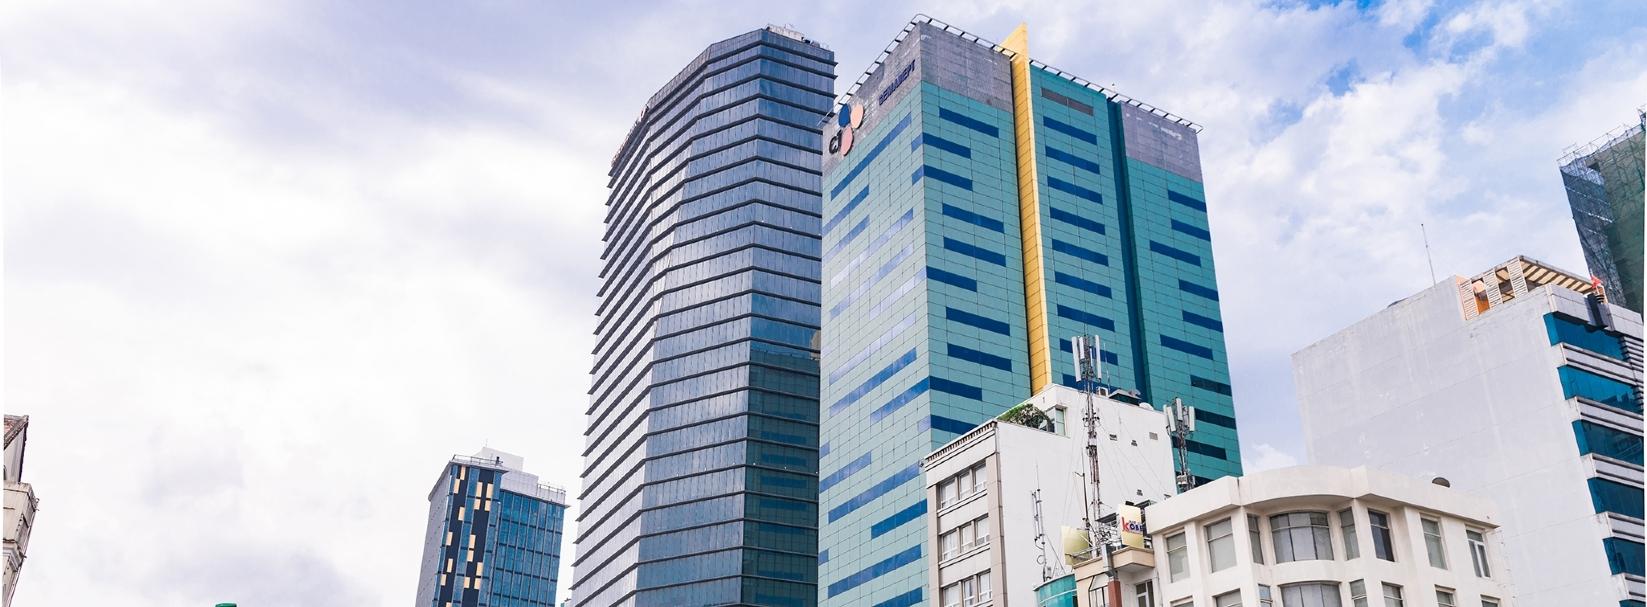 Savills Vietnam | CJ Building